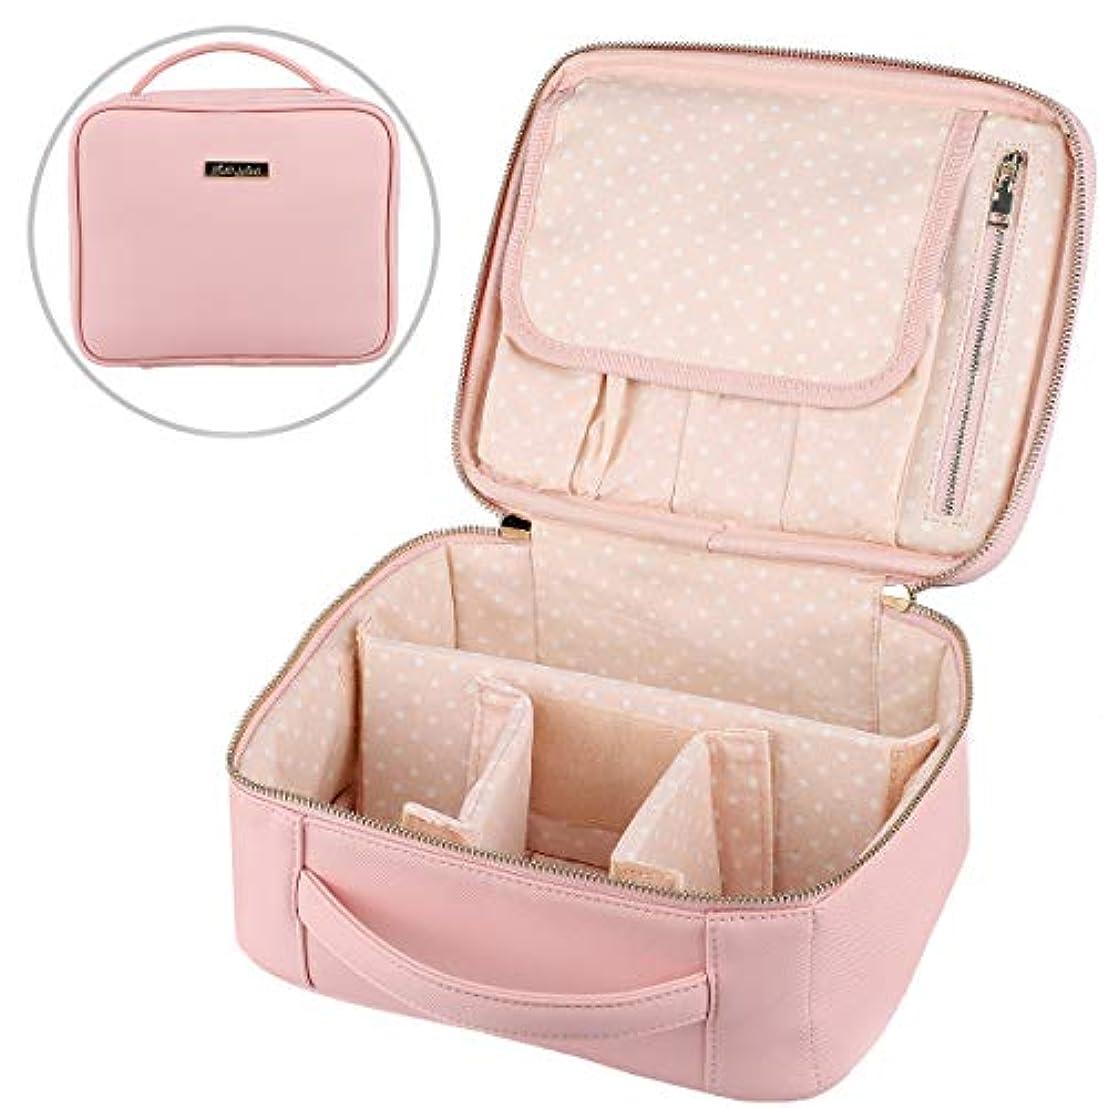 報復研磨剤中級PUP Joint メイクボックス 收納バッグ 旅行 家用に大活躍な化粧箱 … (001)